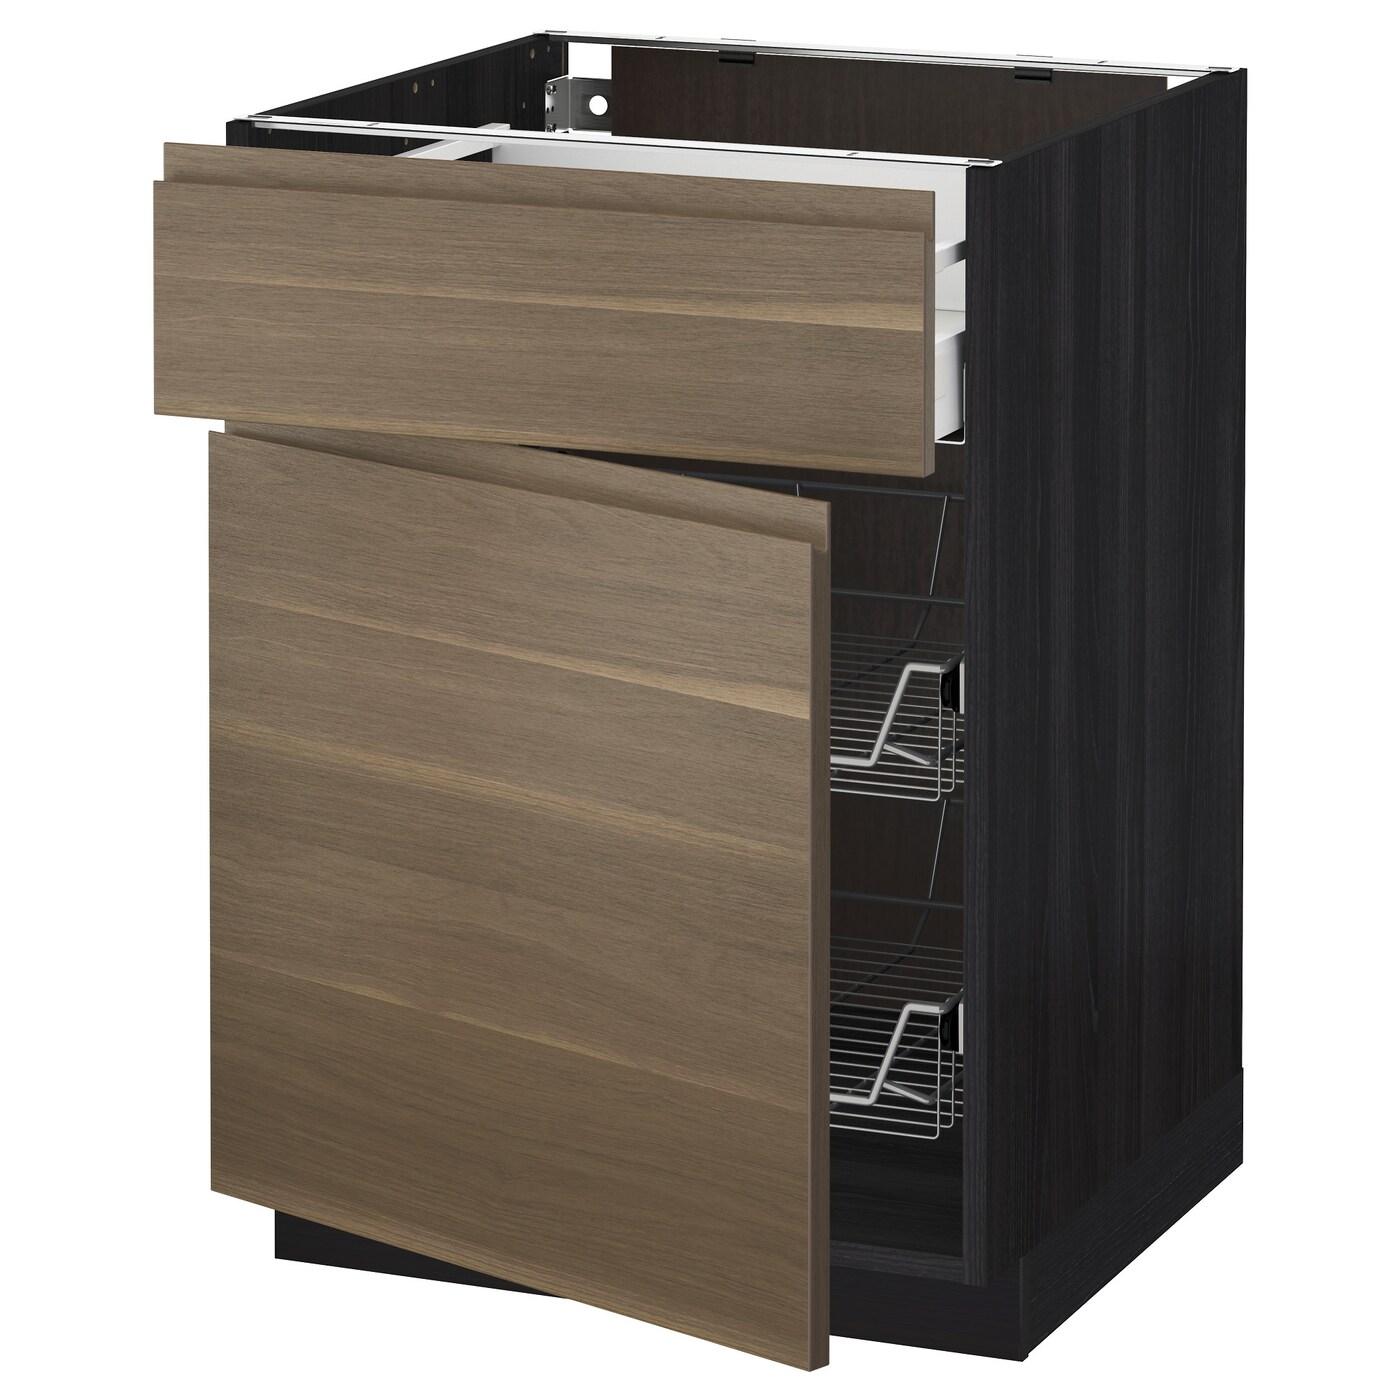 Metod maximera base cab w wire basket drawer door black for Ikea basket drawers